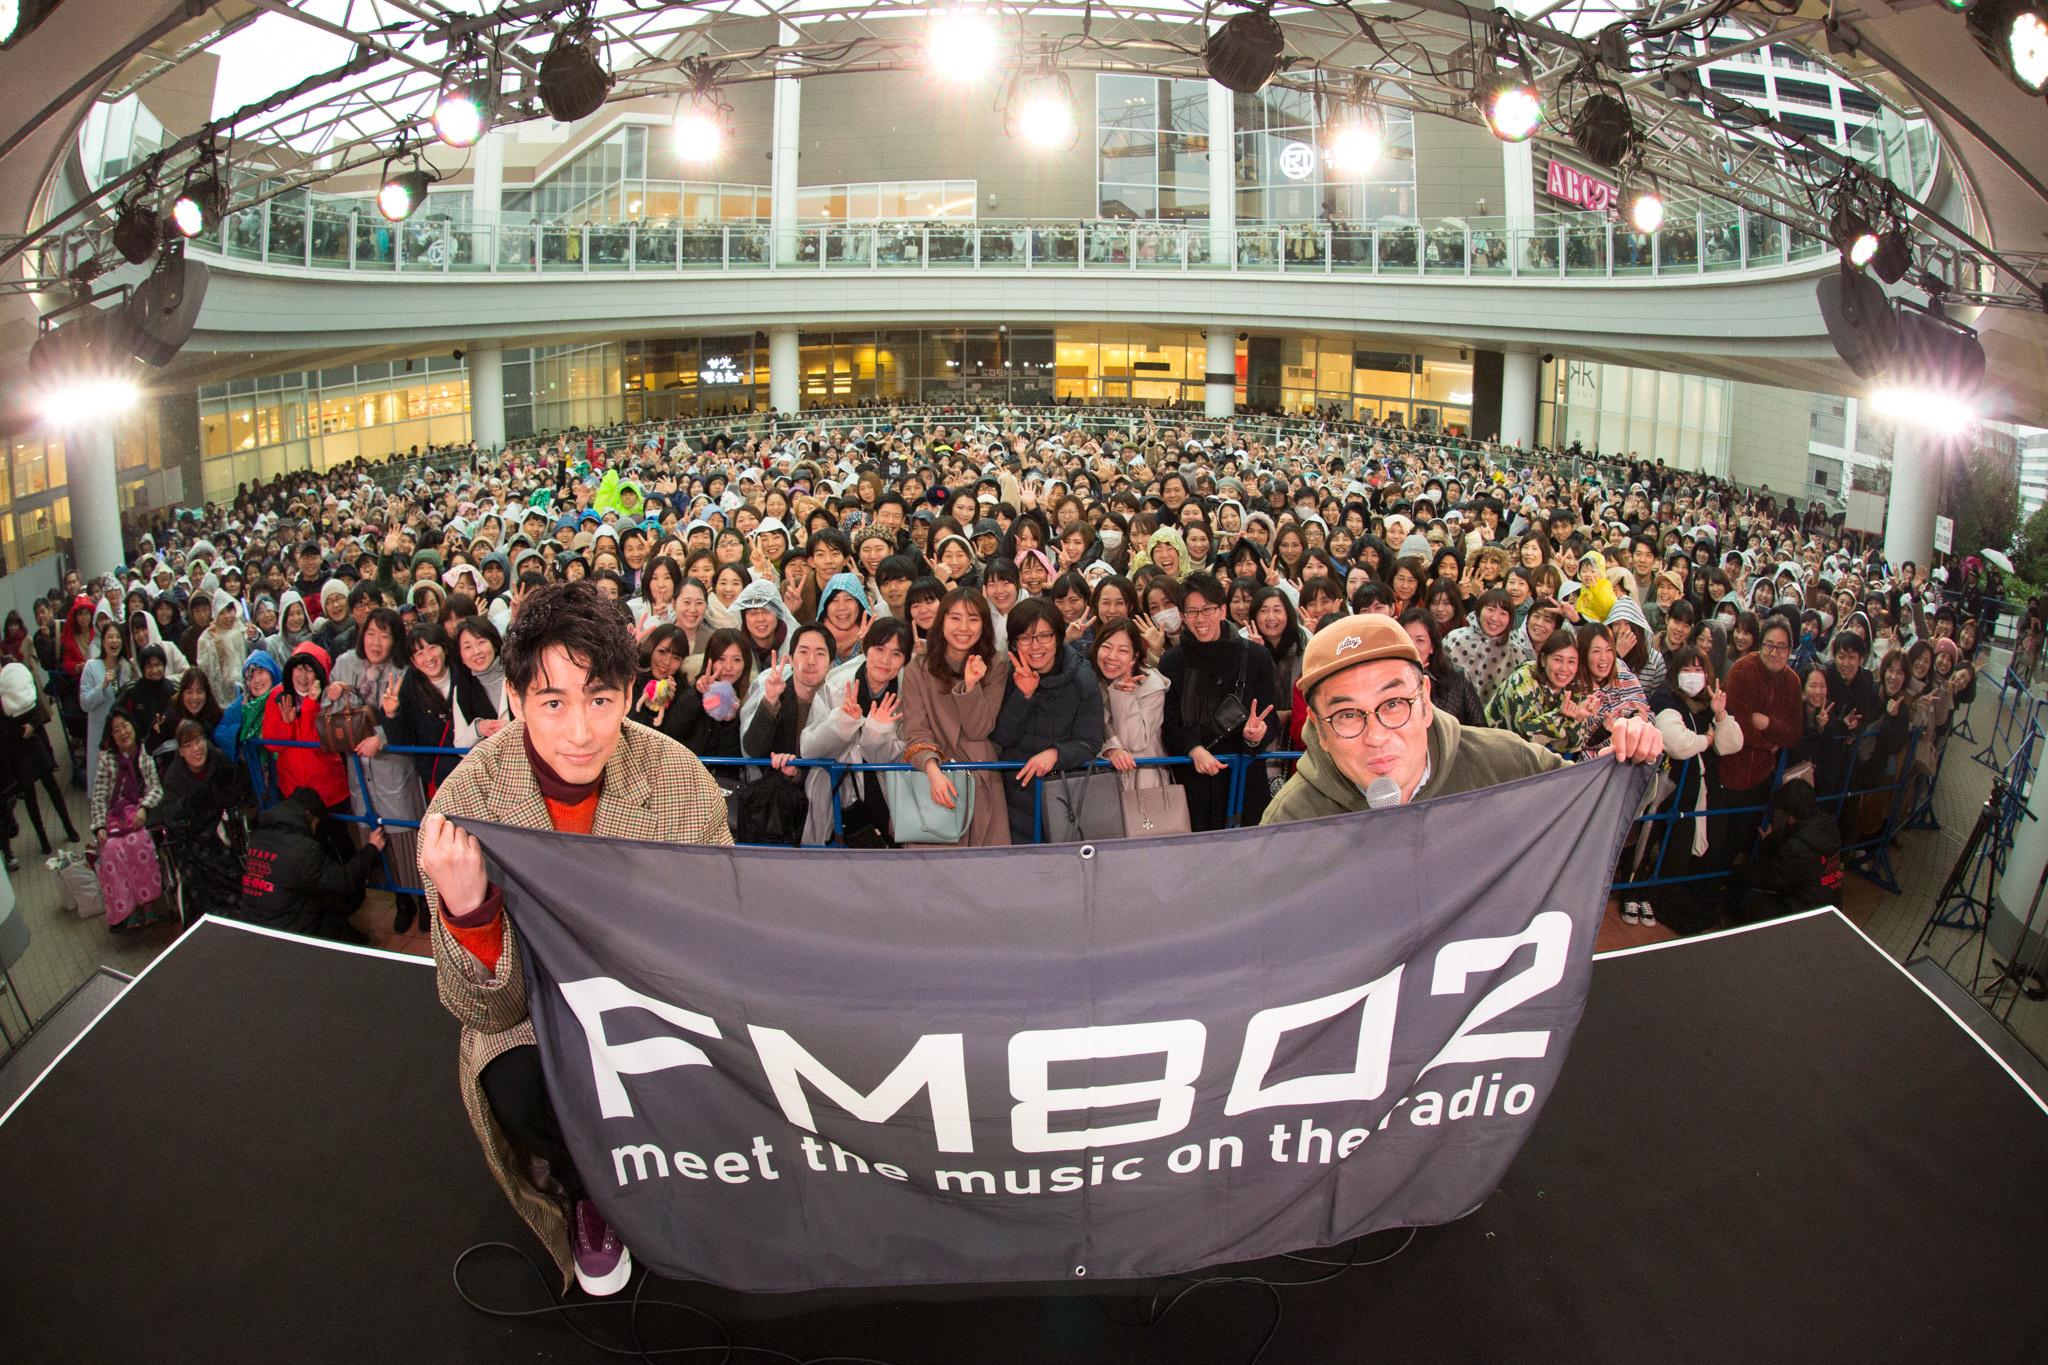 FM802『THE NAKAJIMA HIROTO SHOW 802 RADIO MASTERS』撮影=田浦ボン